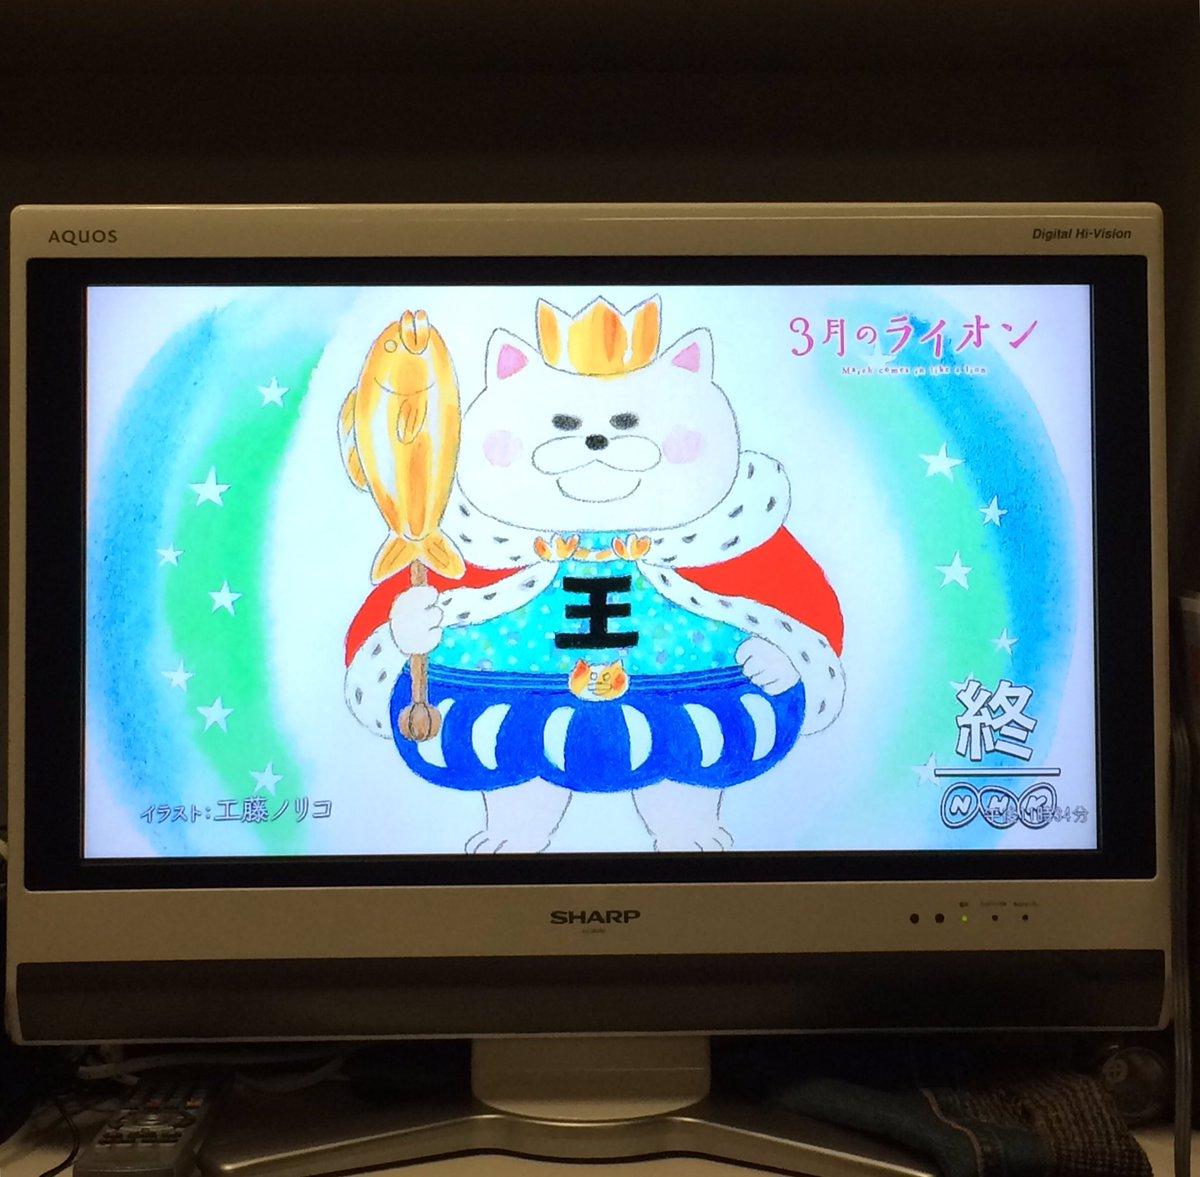 もっちりまっちり猫ニャー王さま!!工藤ノリコ先生わたしノラネコぐんだんがだいすきでごわす!!ありがとうございました!!